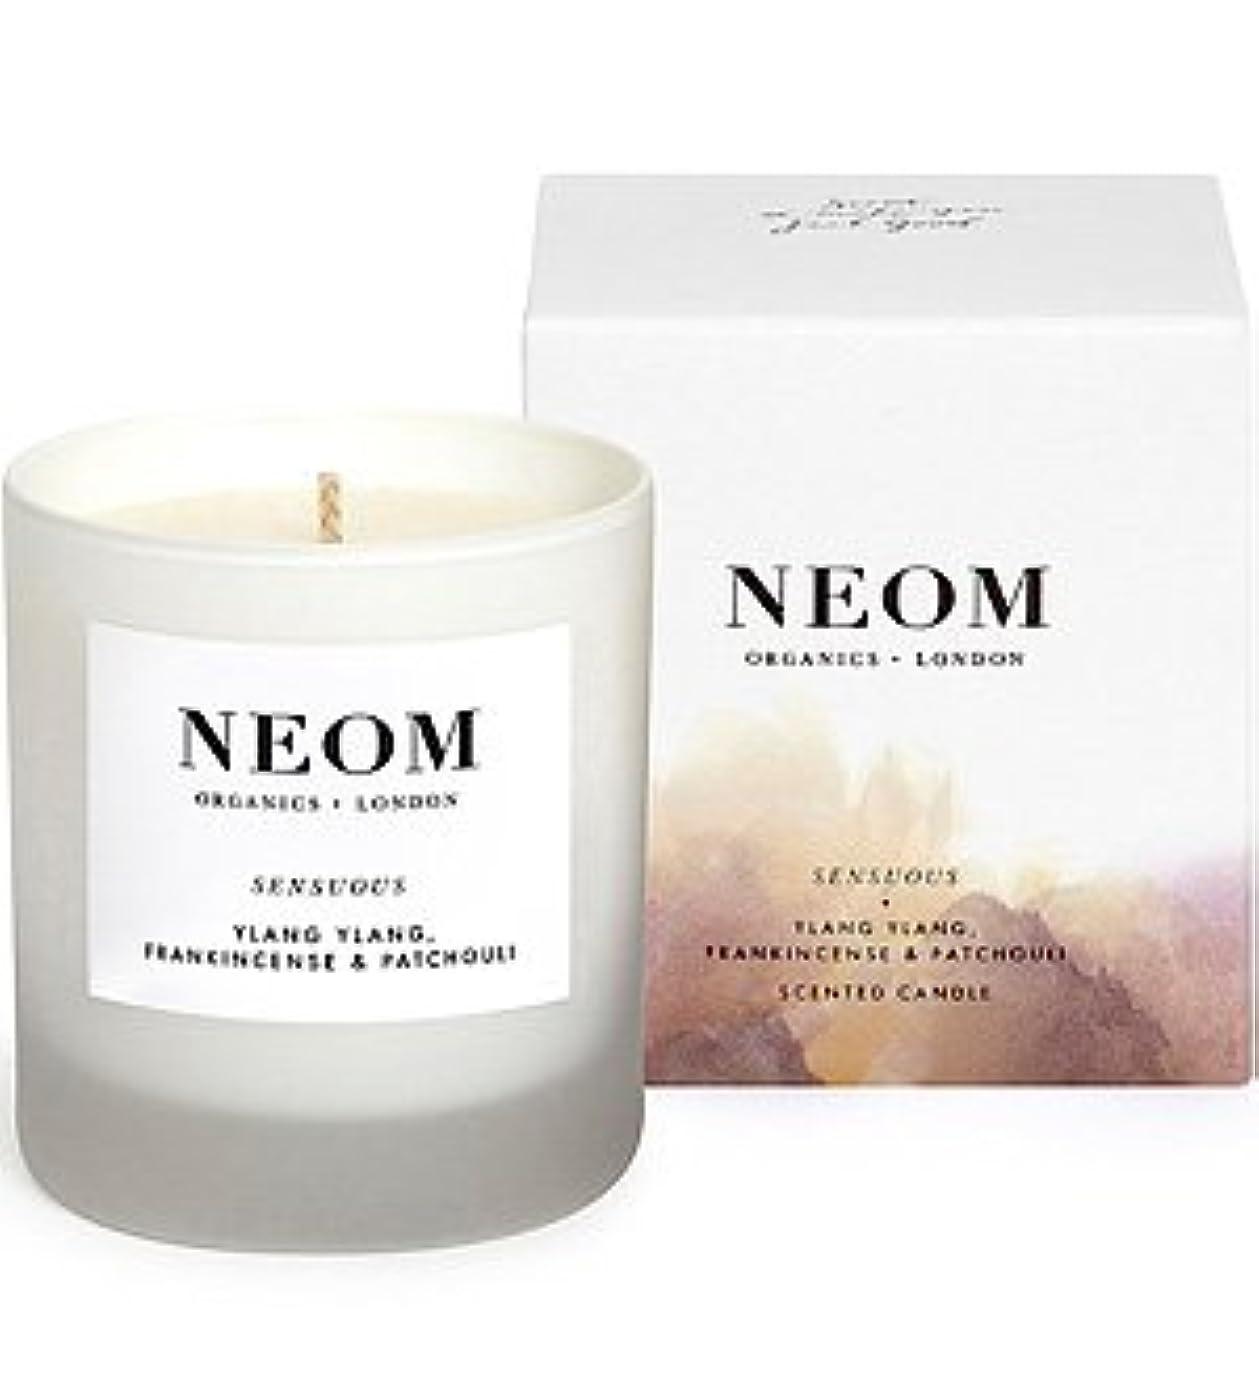 放射性郵便代数NEOM(ネオム) スタンダードキャンドル(Scented Candles (1 Wick)) センシュアス(Sensuous)